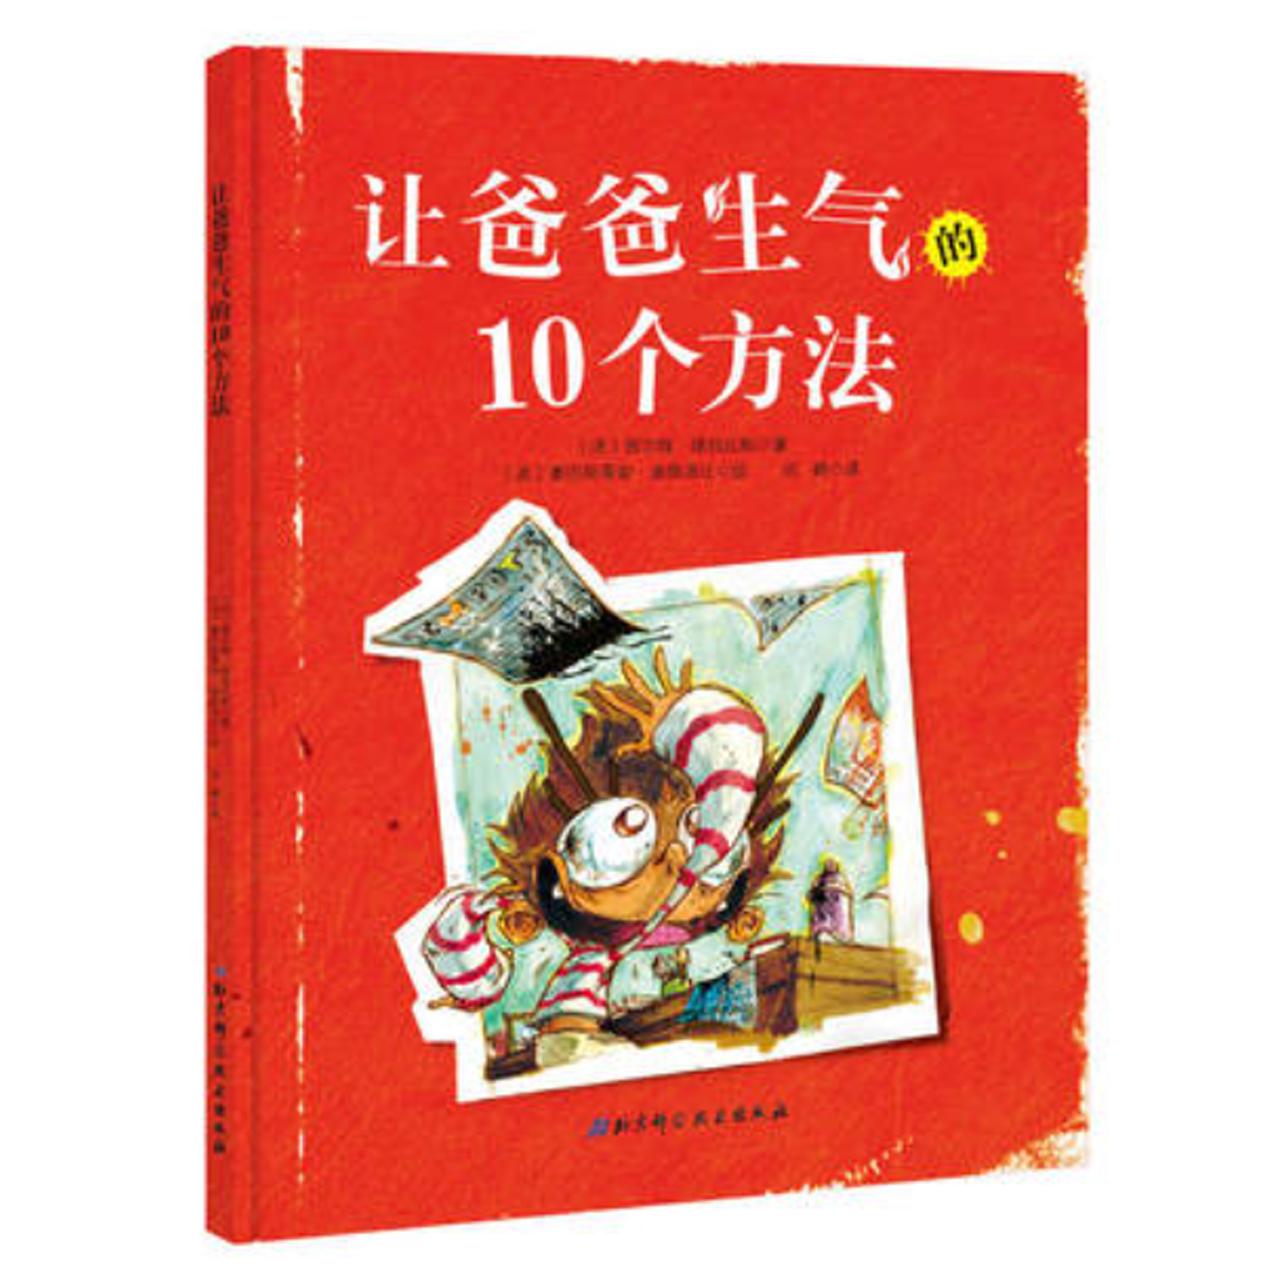 让爸爸生气的10个方法 【儿童绘本/翻译绘本/有趣故事】